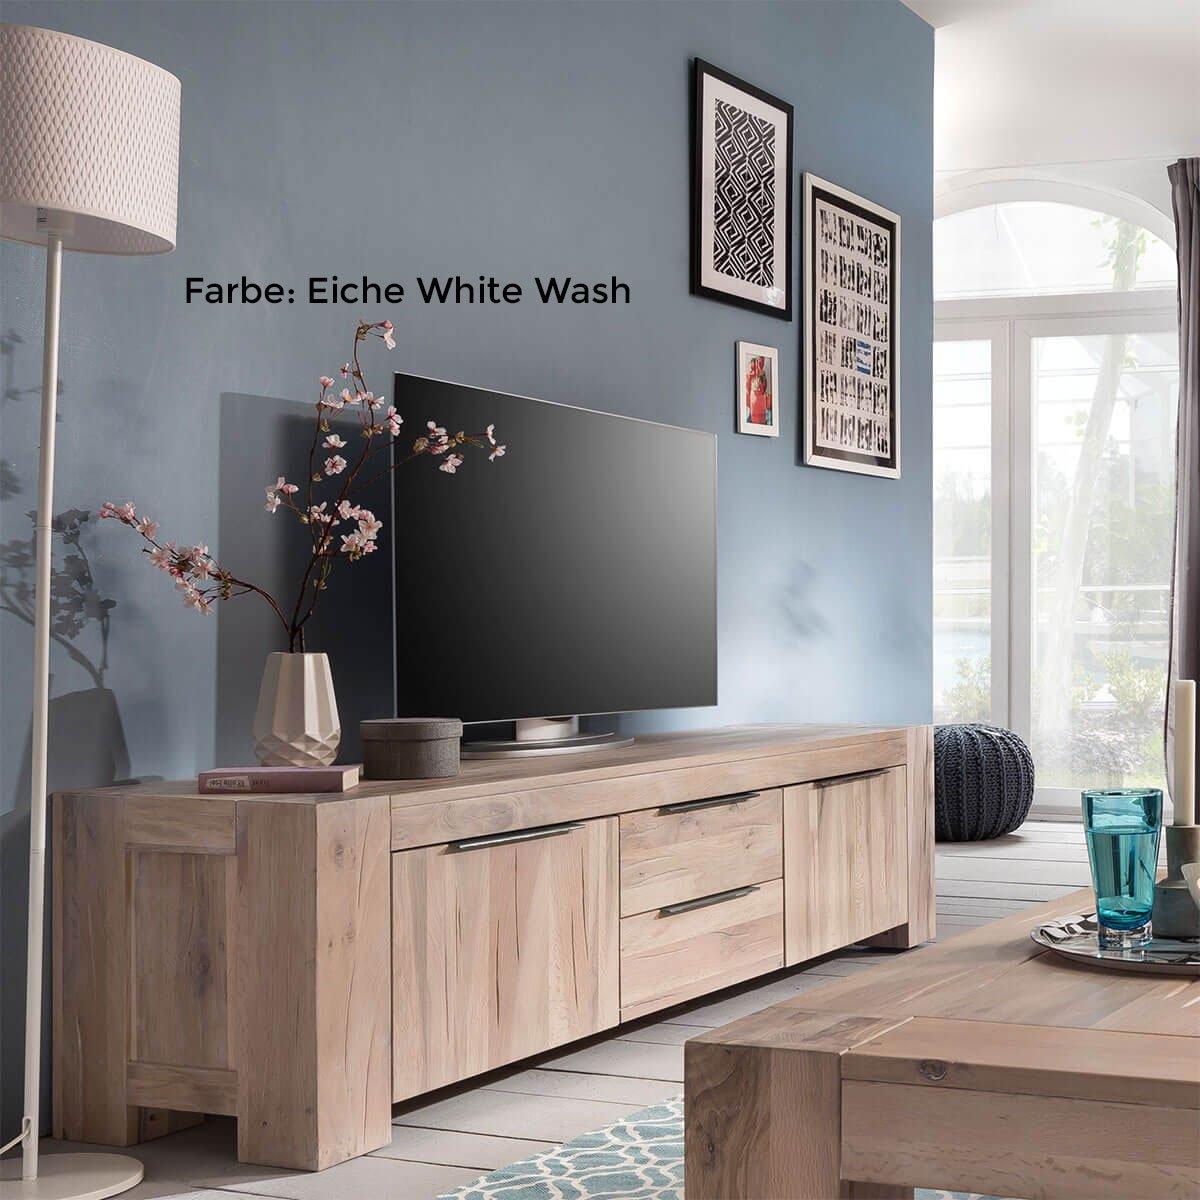 M/ÖBEL IDEAL TV Lowboard Fernsehschrank Unterschrank Granby 190 cm Massivholz Holz Eiche massiv Balkeneiche Natural Breite 190 cm Tiefe 48 cm H/öhe 50 cm